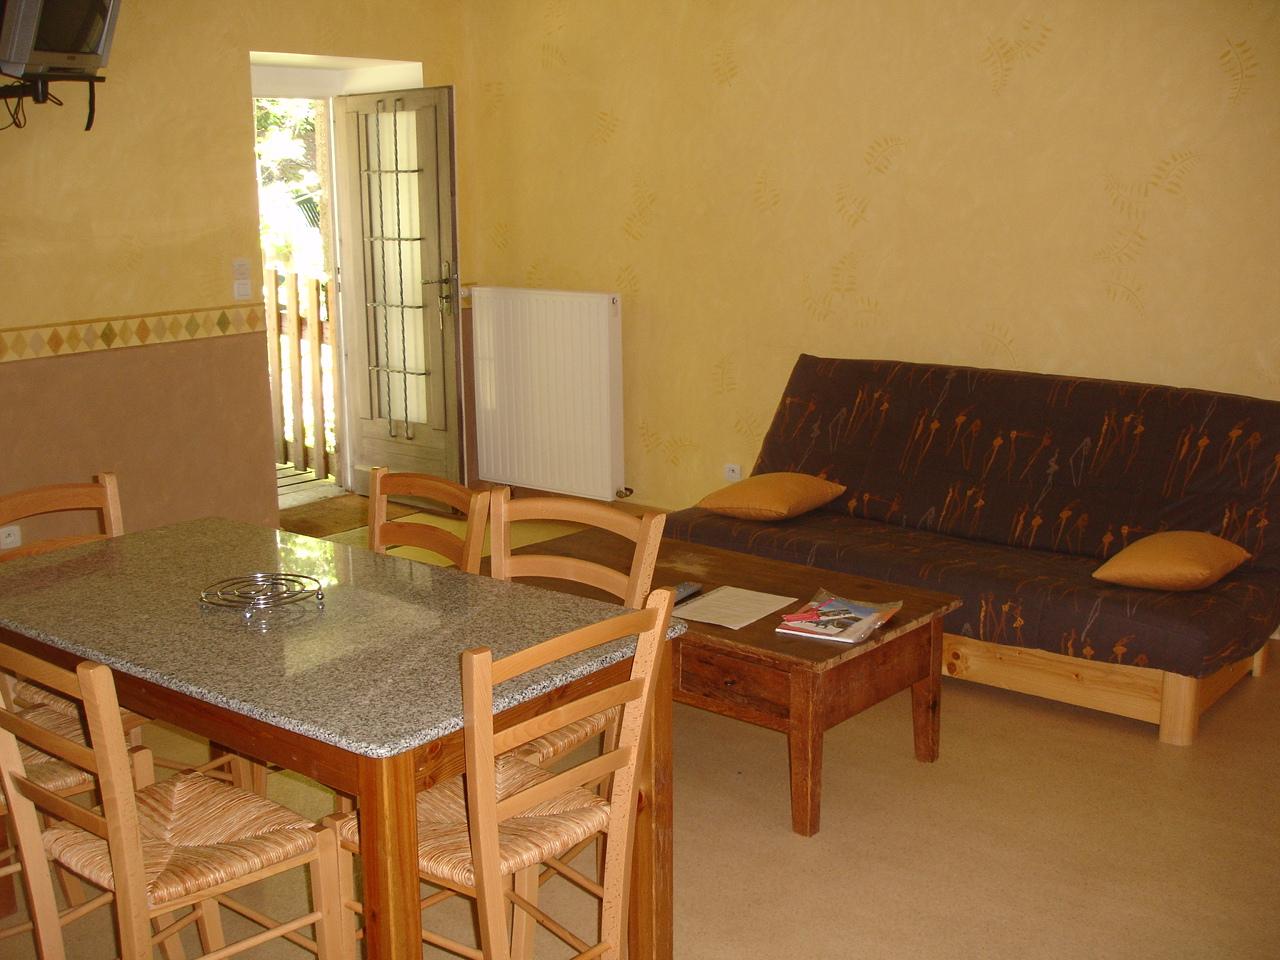 suite les foug res 2 chambres salon. Black Bedroom Furniture Sets. Home Design Ideas